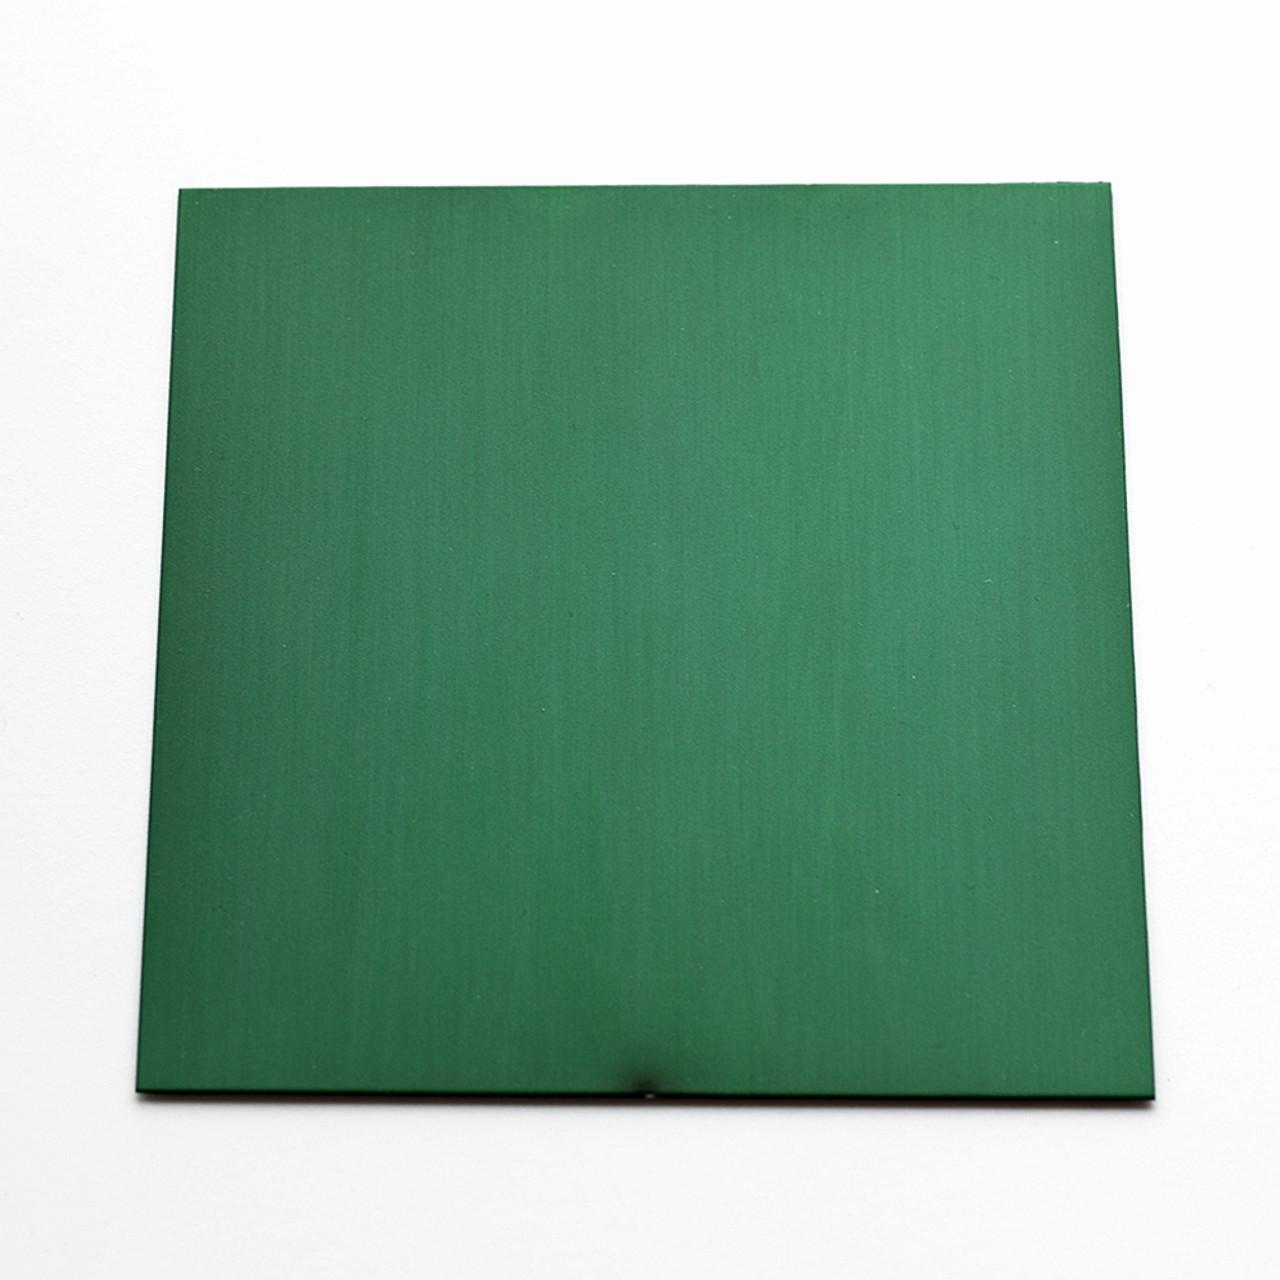 Green anodised aluminium square